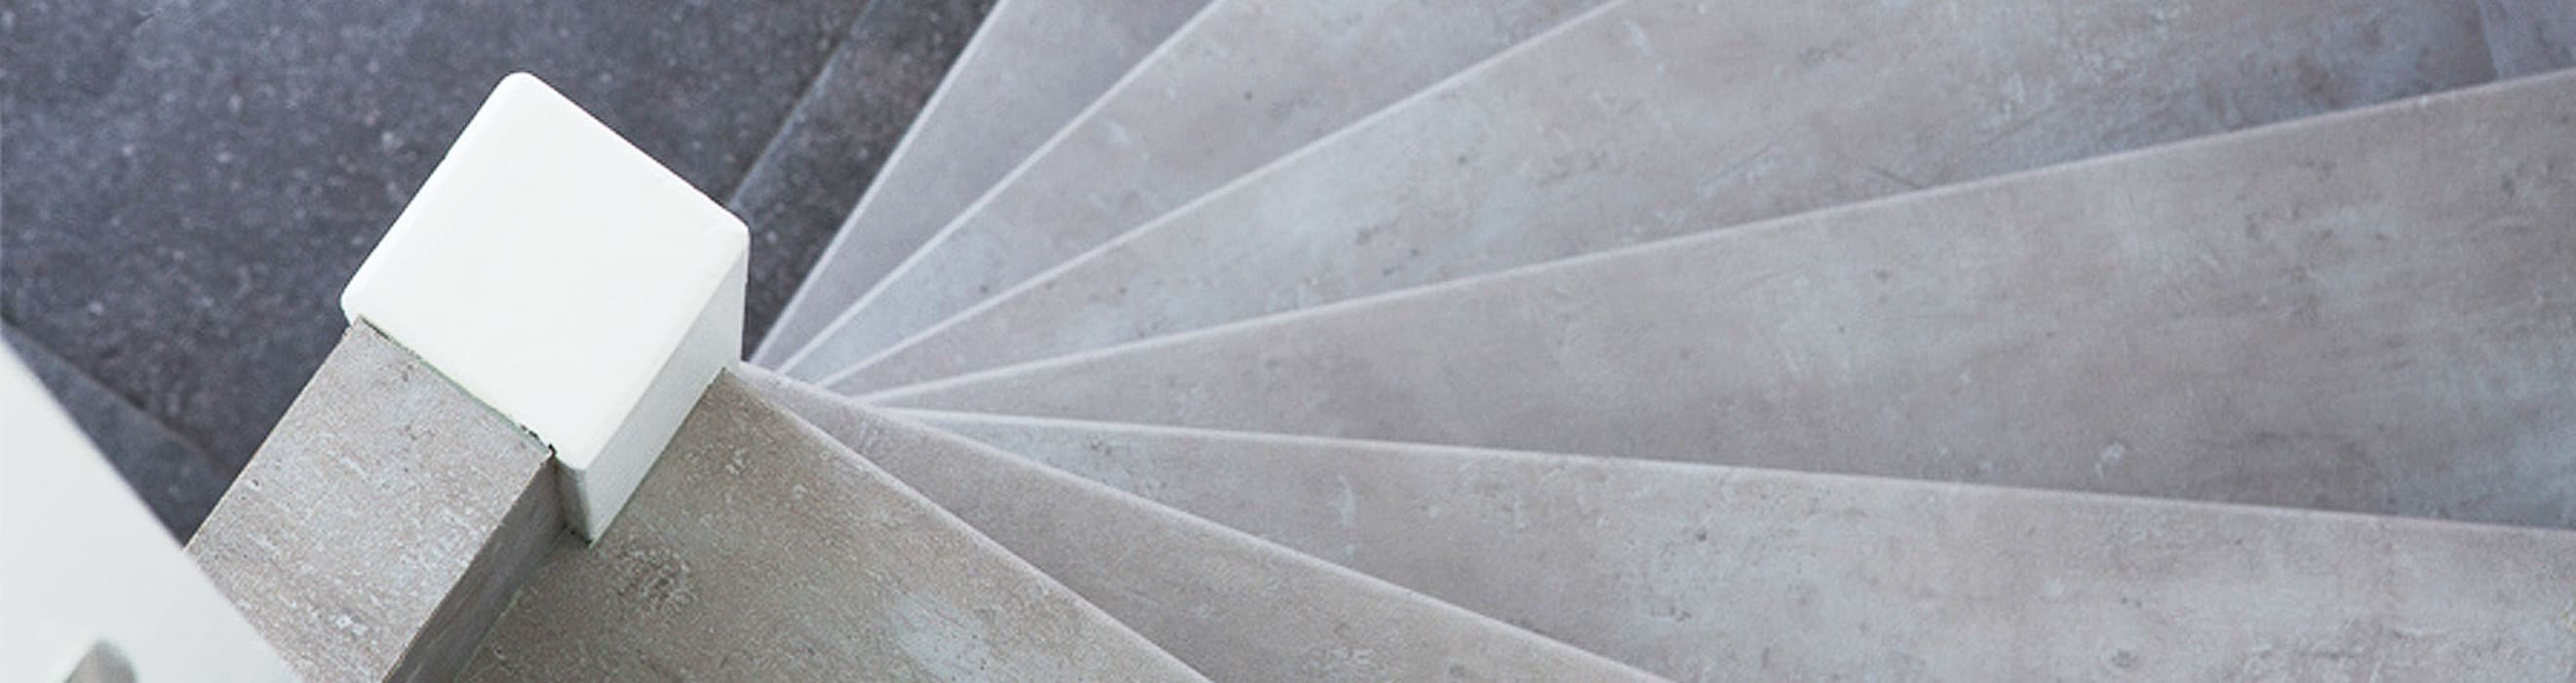 Traprenovaties Industriële gangen, hallen & trappenhuizen van Stairz Industrieel Beton